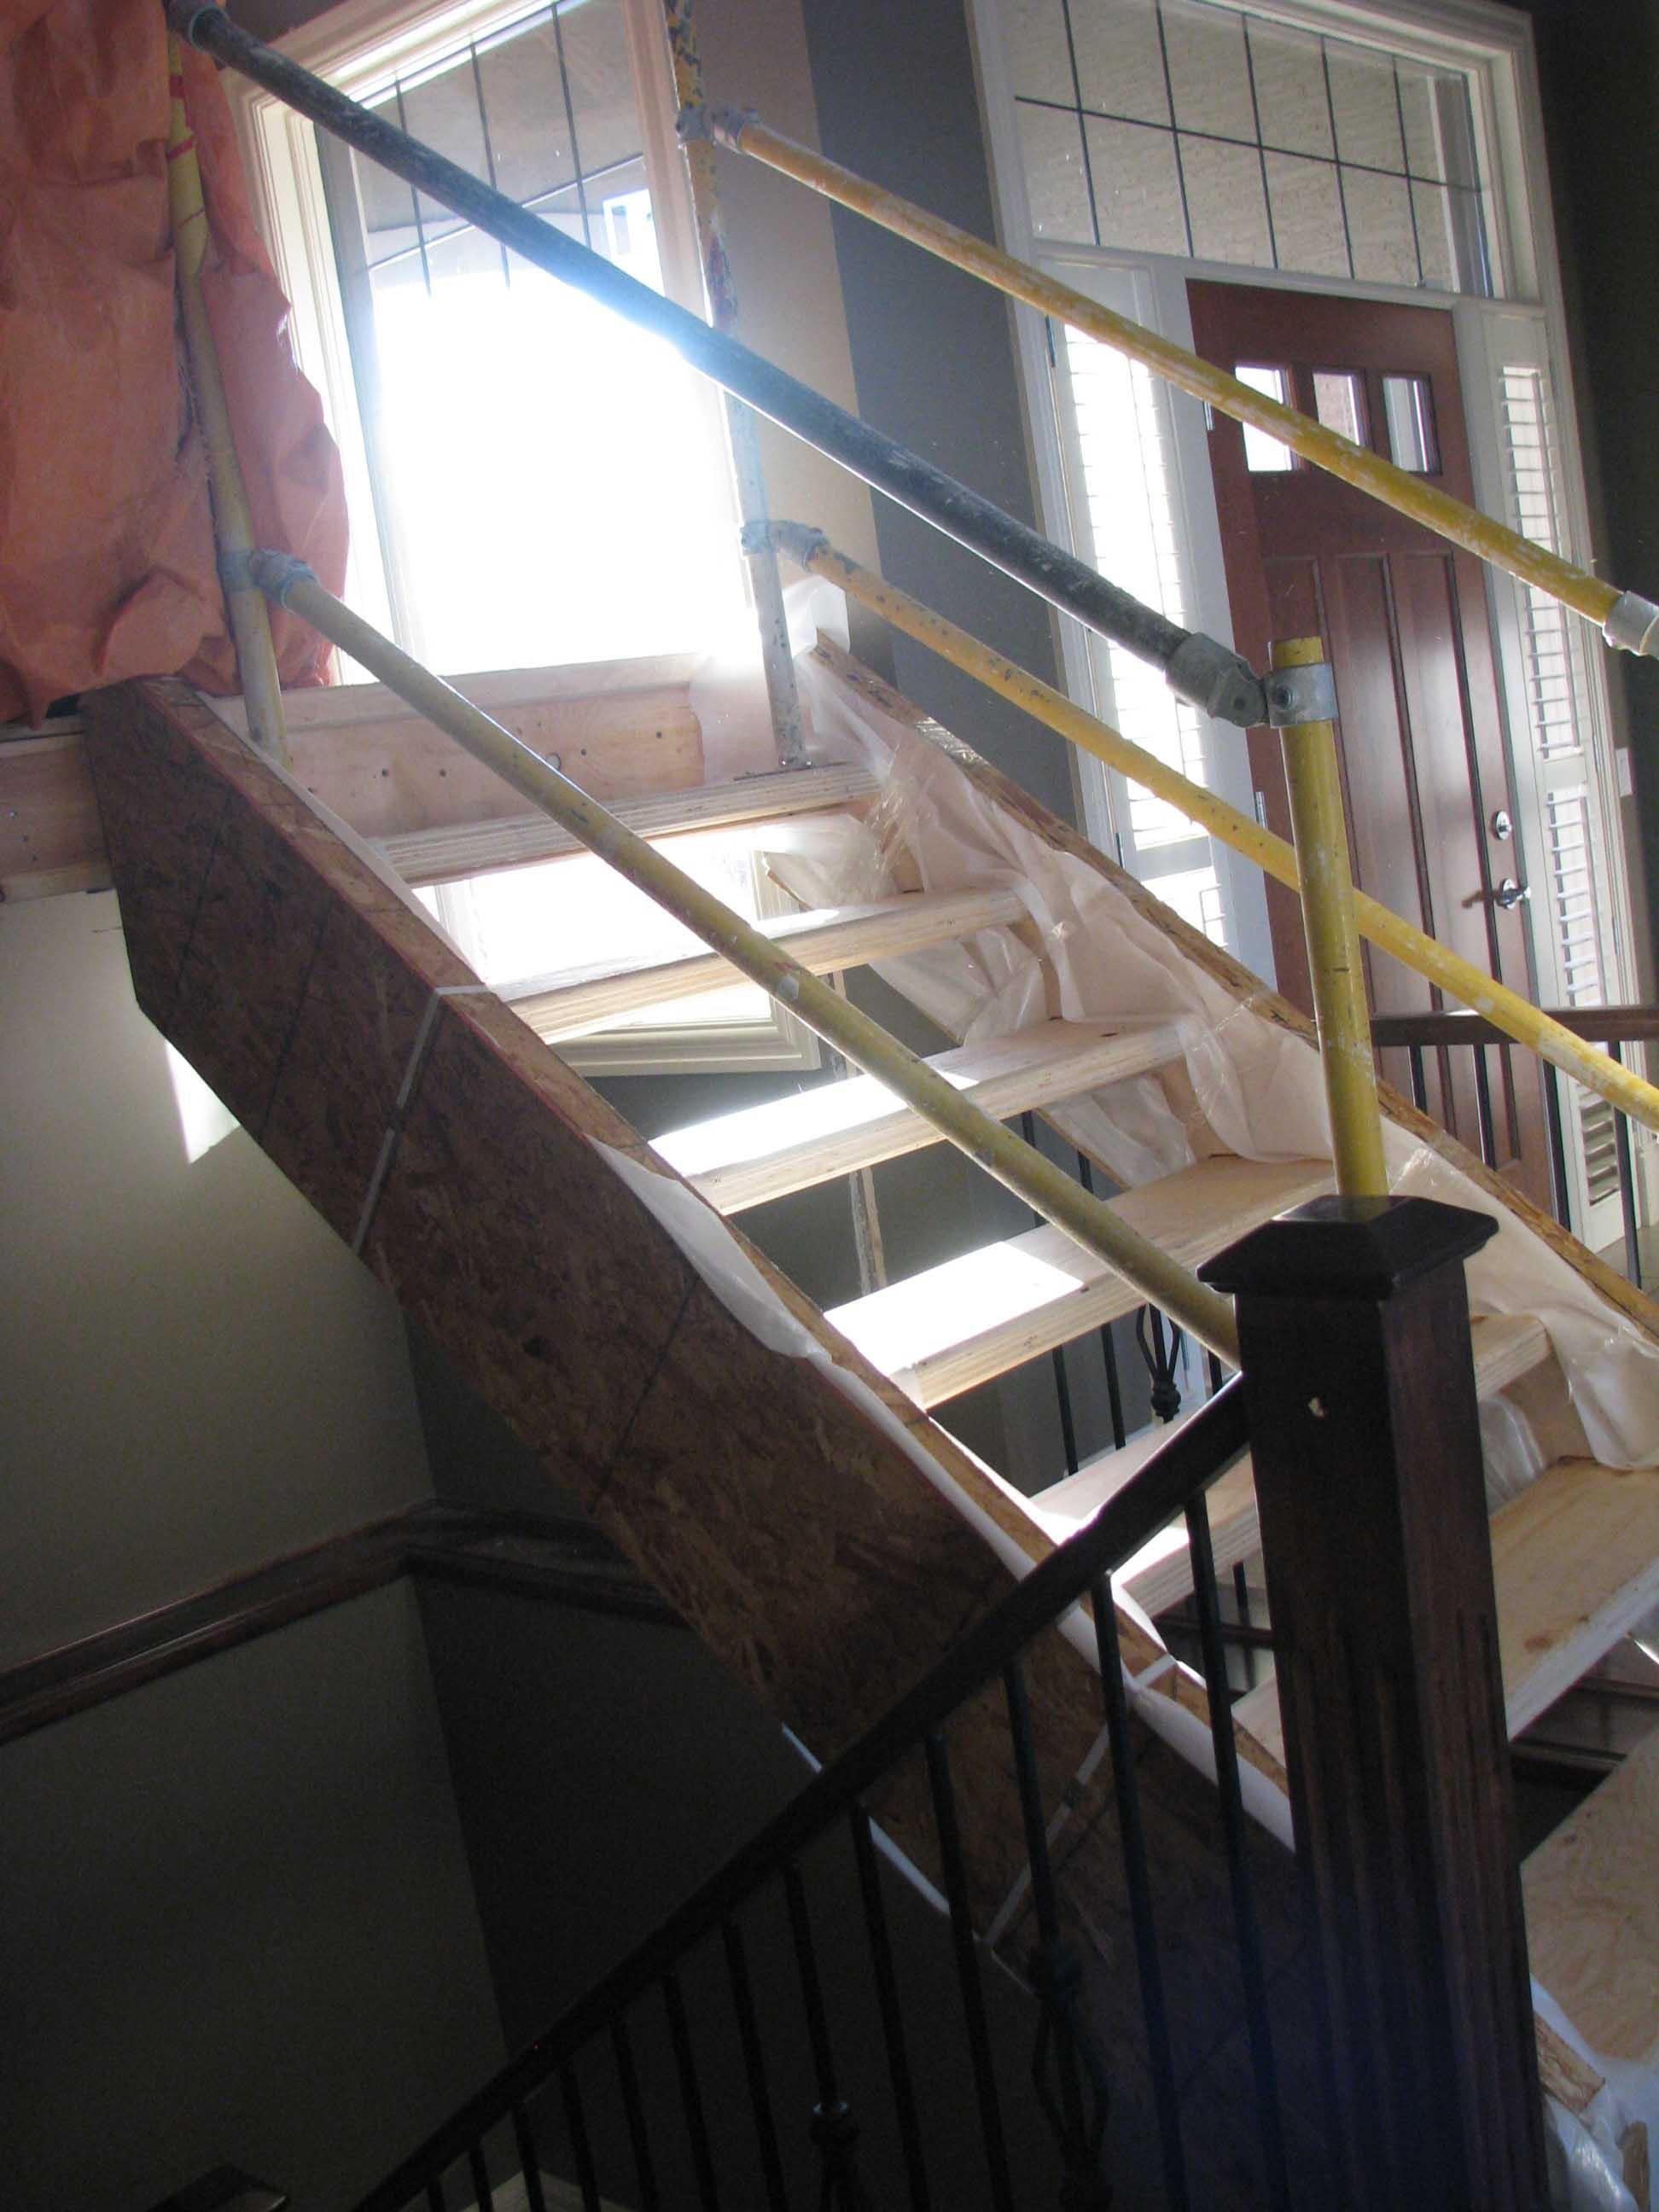 Under Construction - Stairway Development